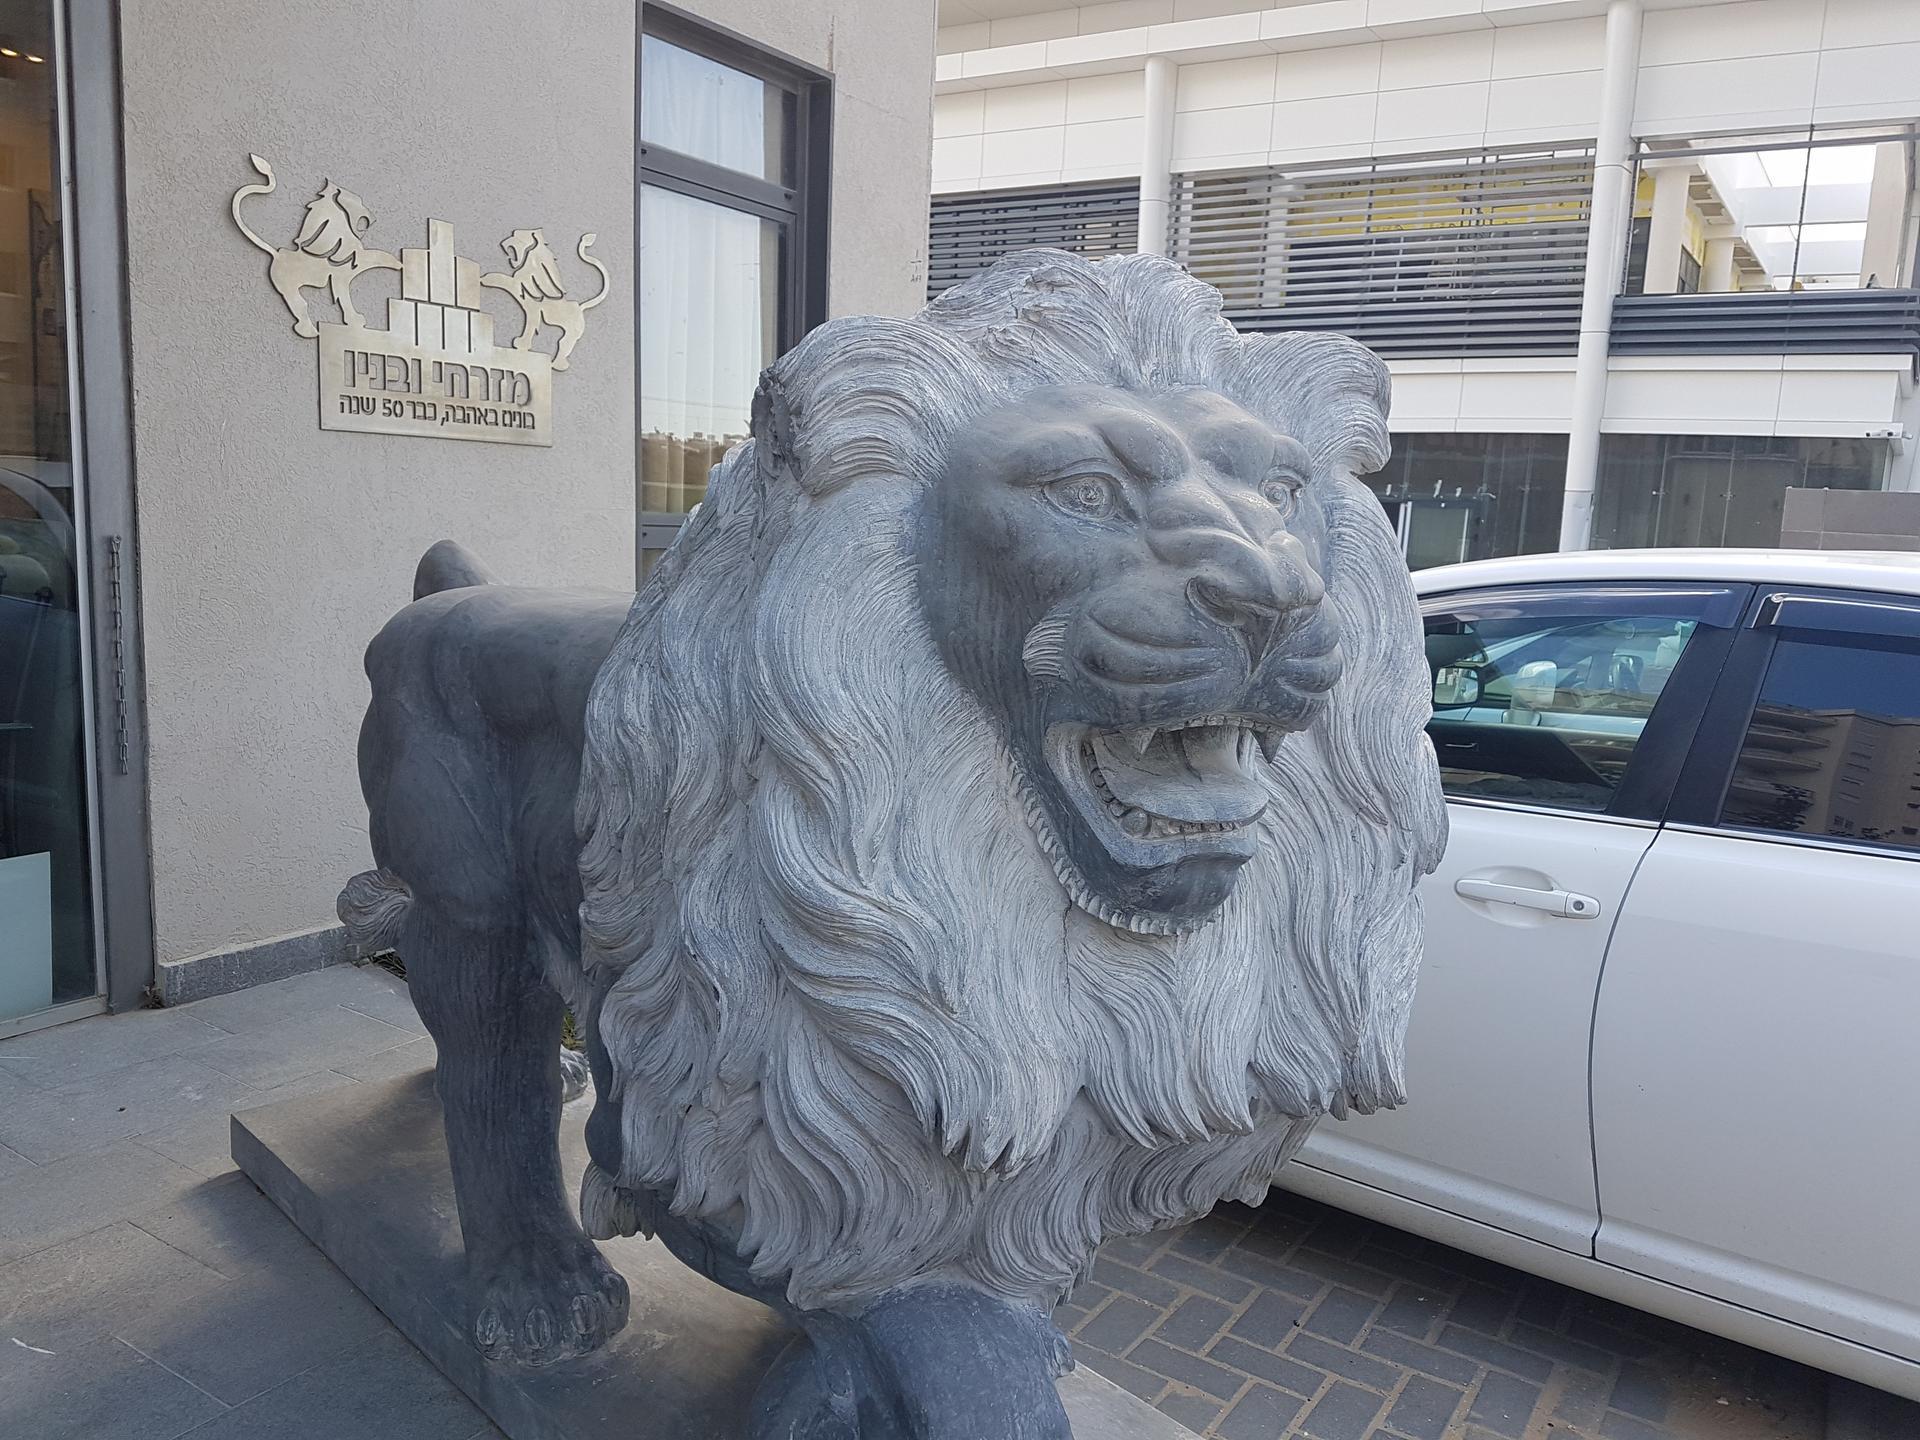 אחד מהפסלים בכניסה למבנה המכירות של הקבלן רוני מזרחי | צילום פרטי